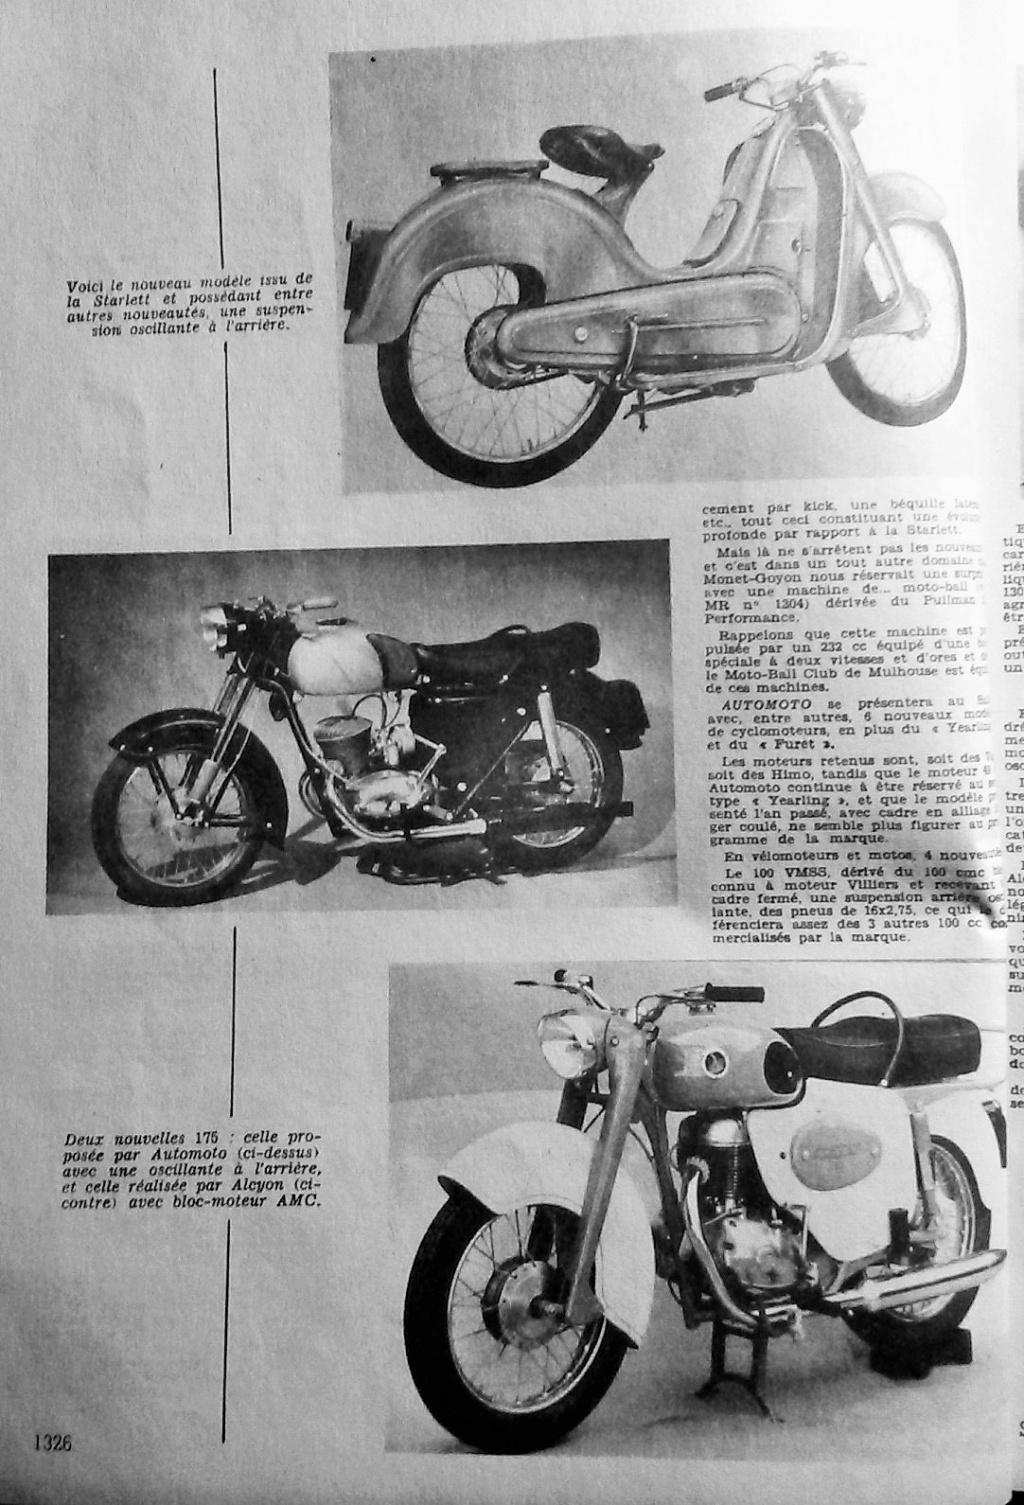 moto revue octobre 1956  03417